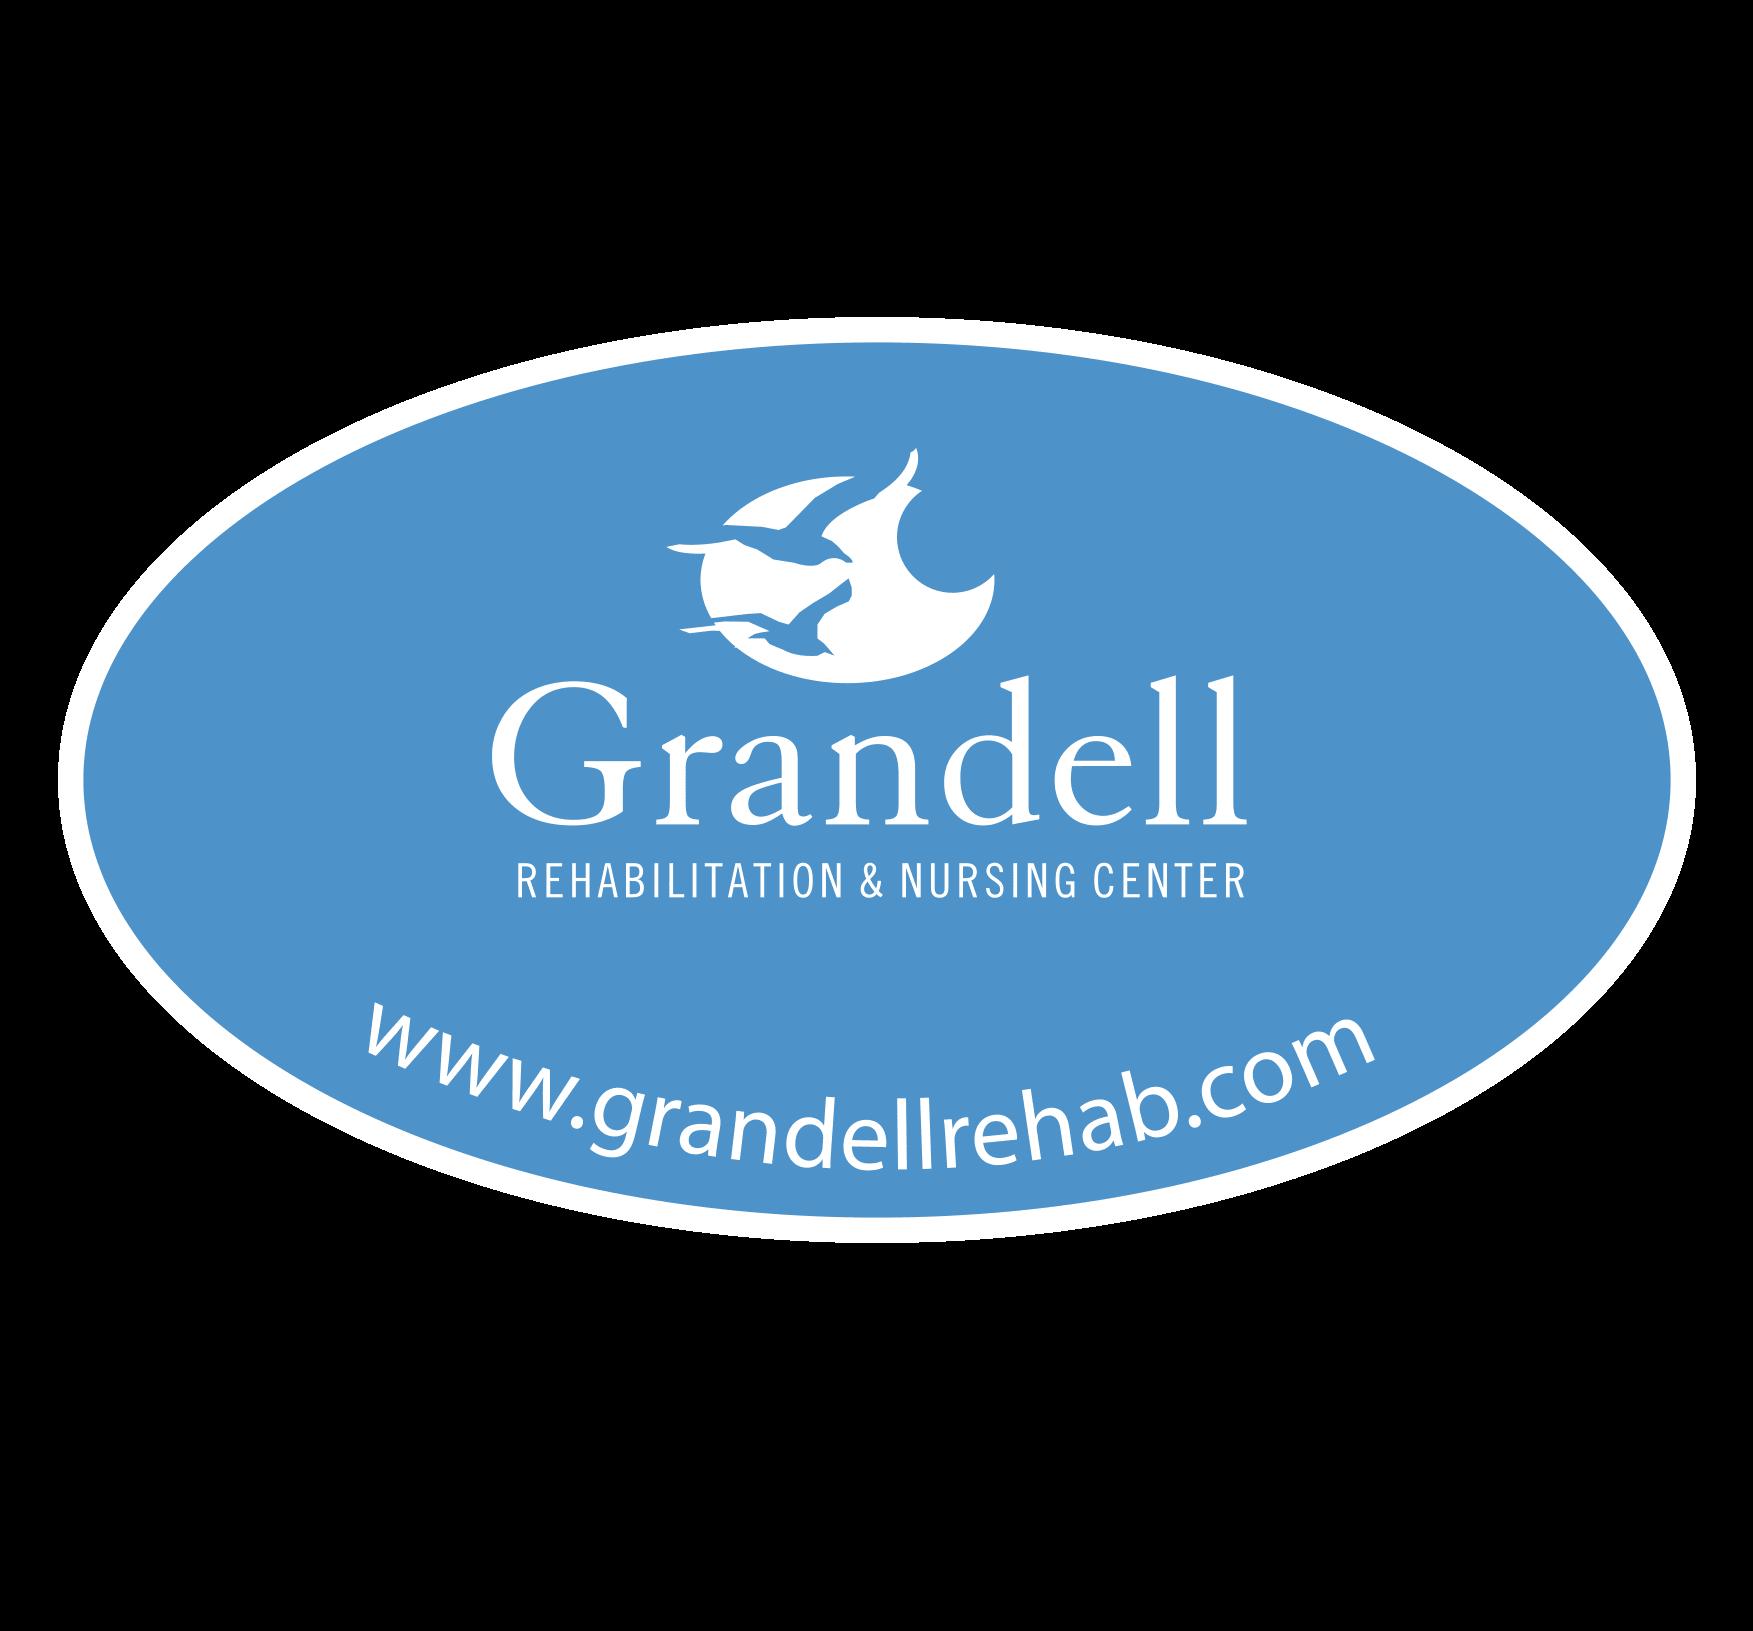 GrandellRehabNursing Logo